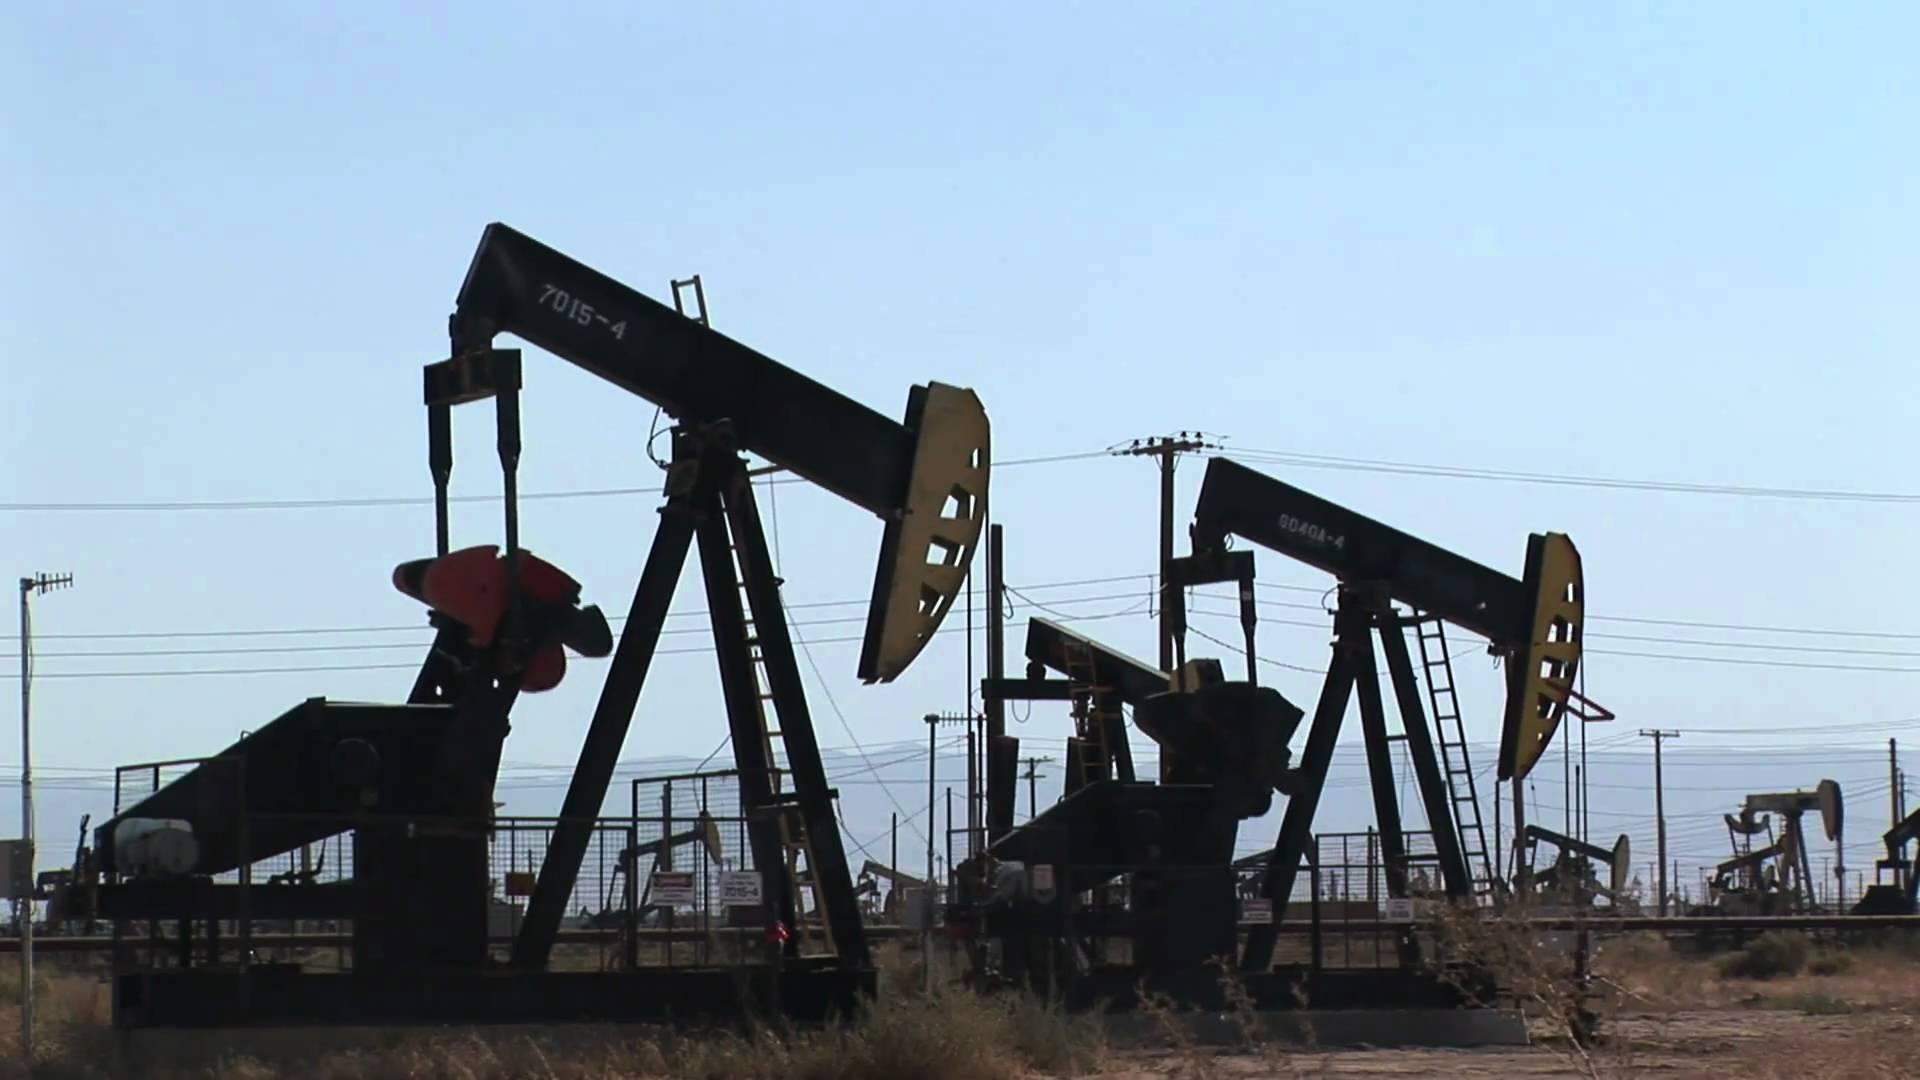 Lo ngại về lực cầu, Covid-19, giá dầu trái chiều